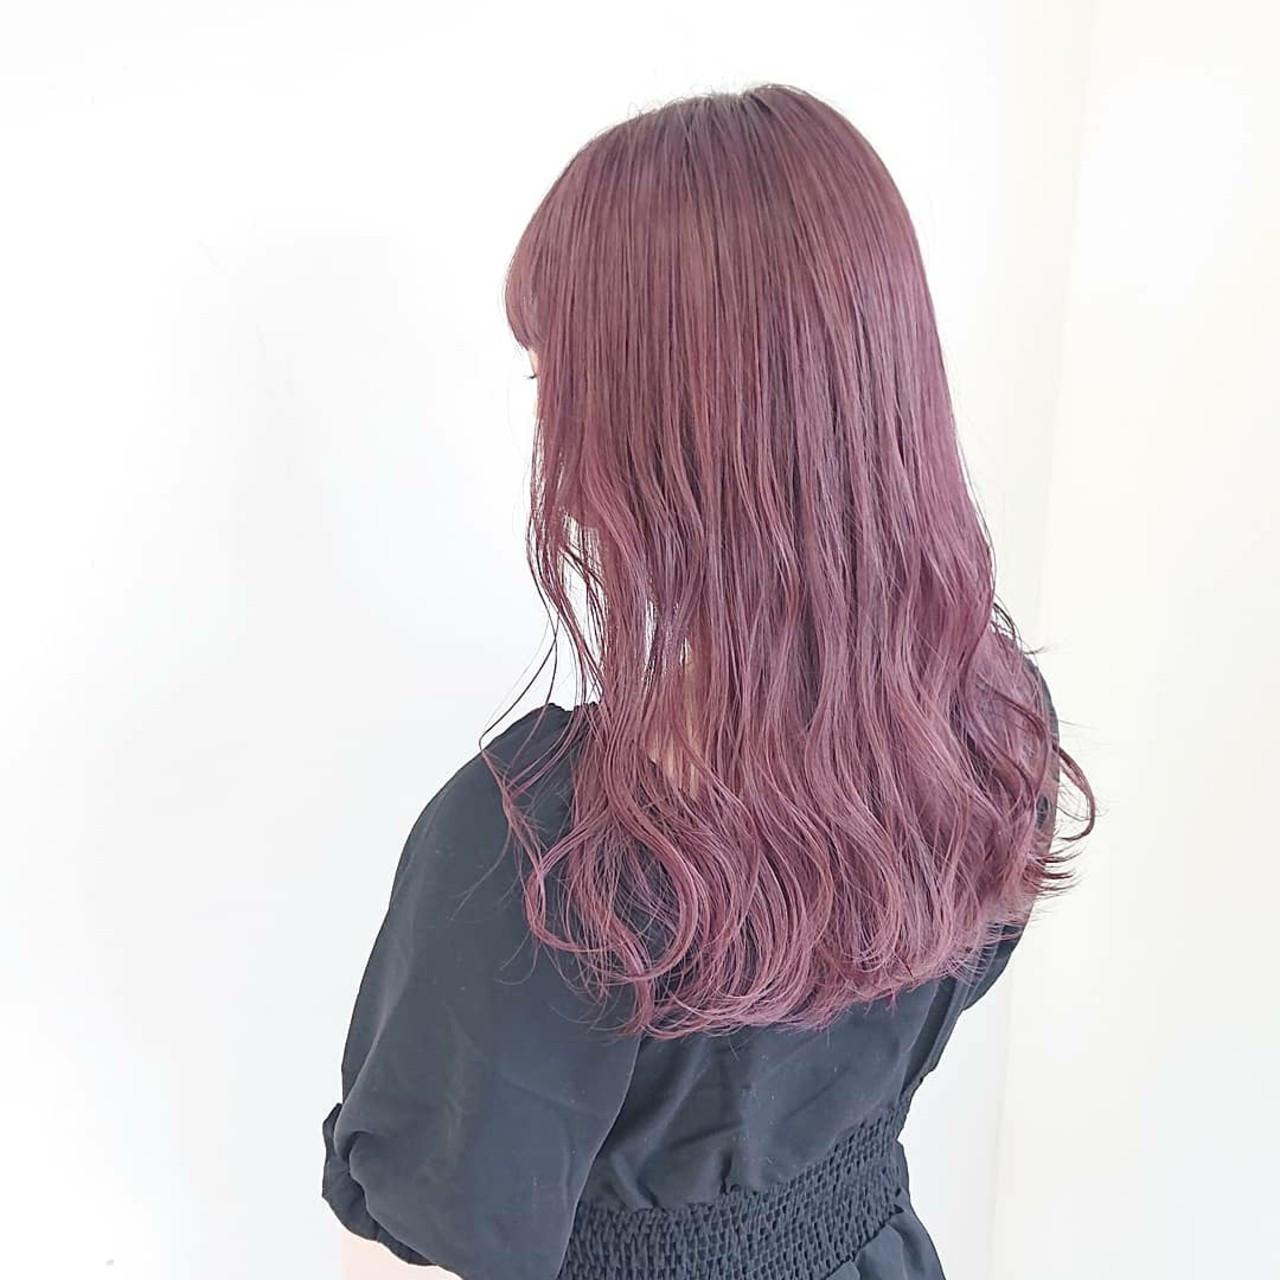 ガーリー ピンクカラー ピンク ヘアカラー ヘアスタイルや髪型の写真・画像